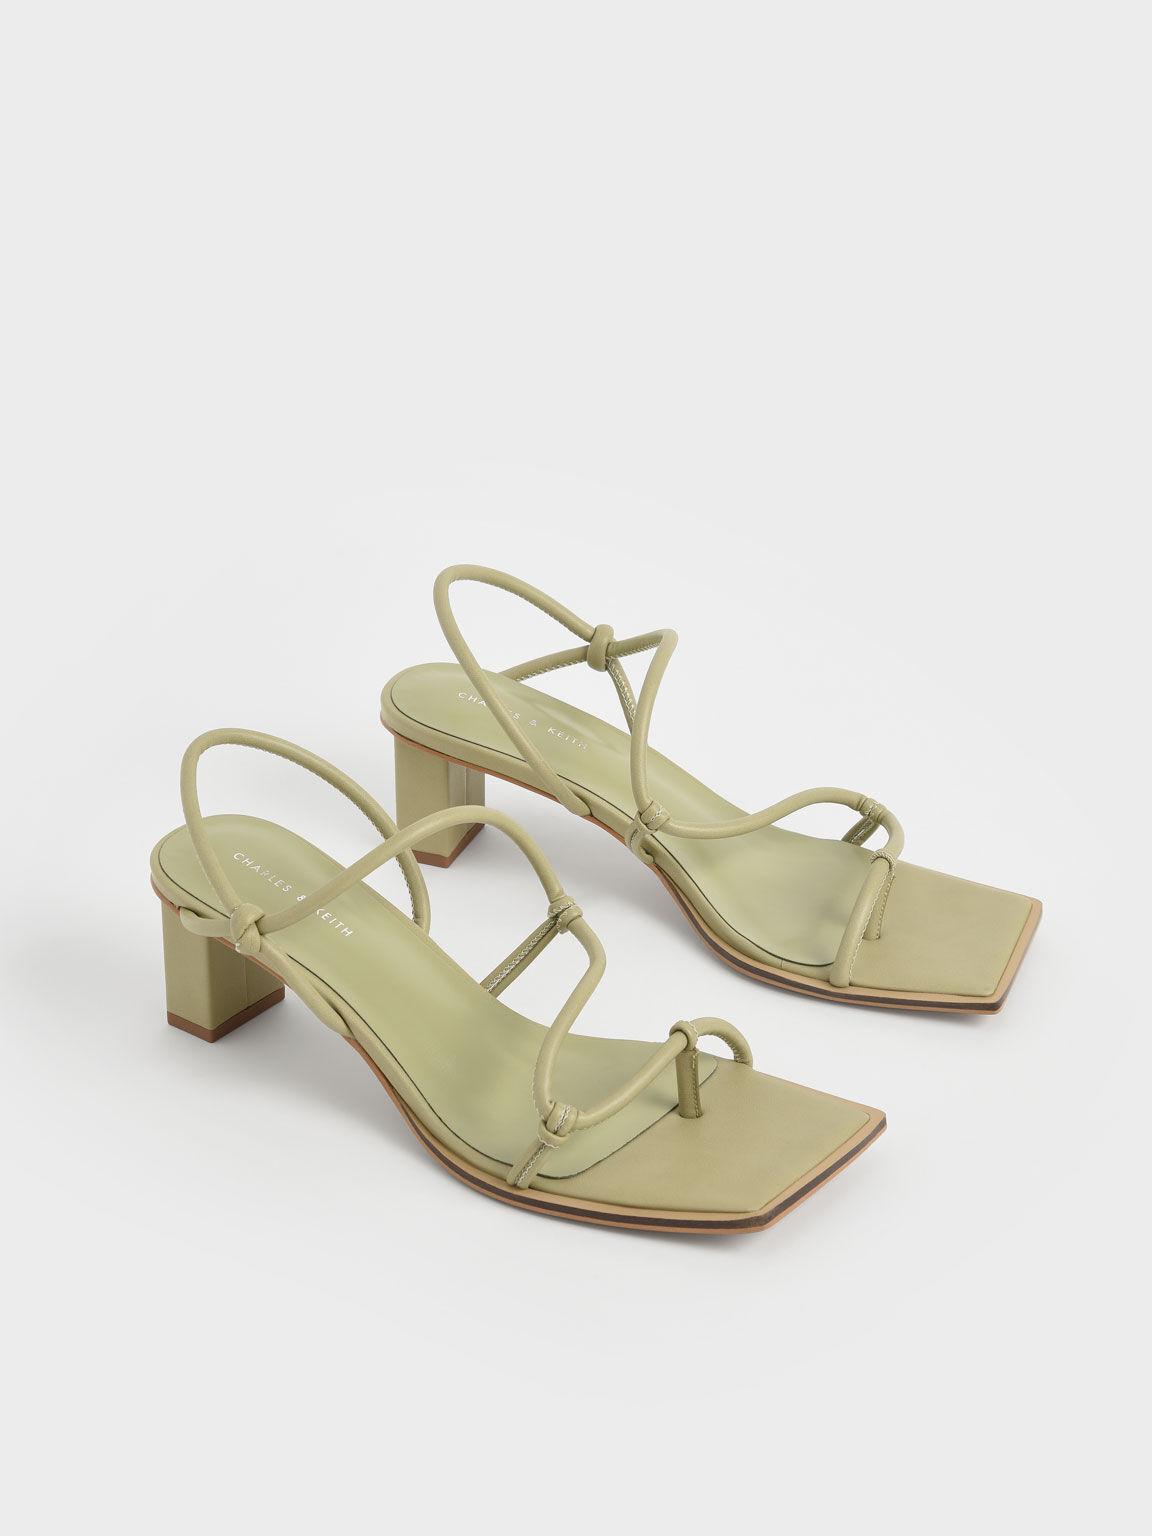 方頭夾腳涼鞋, 灰褐色, hi-res